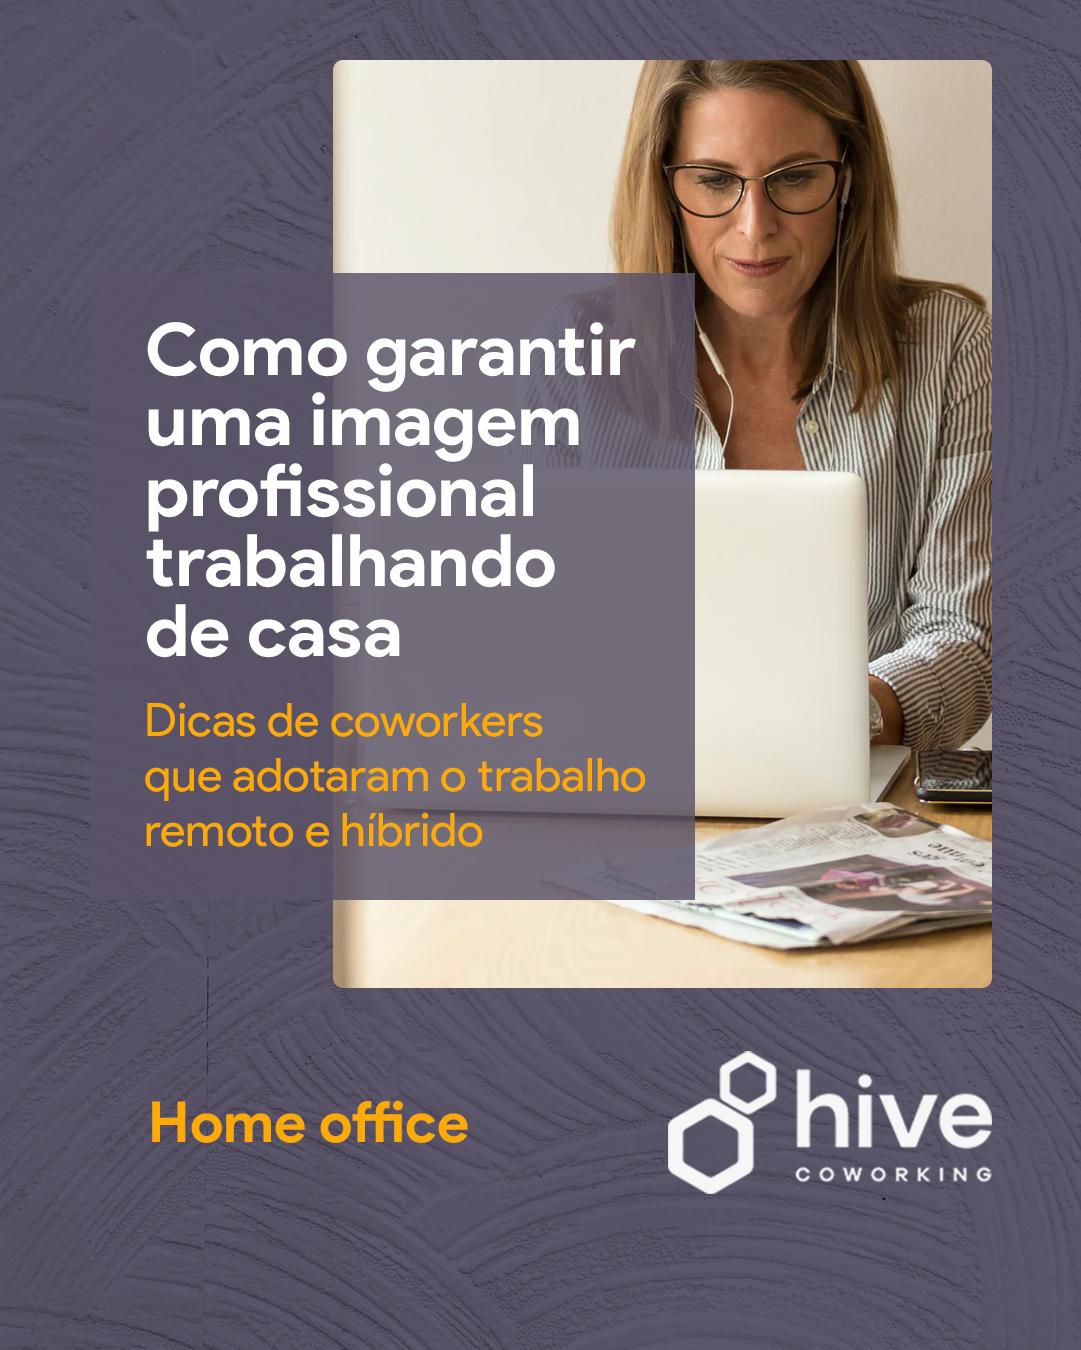 Home Office: como garantir uma boa imagem profissional?